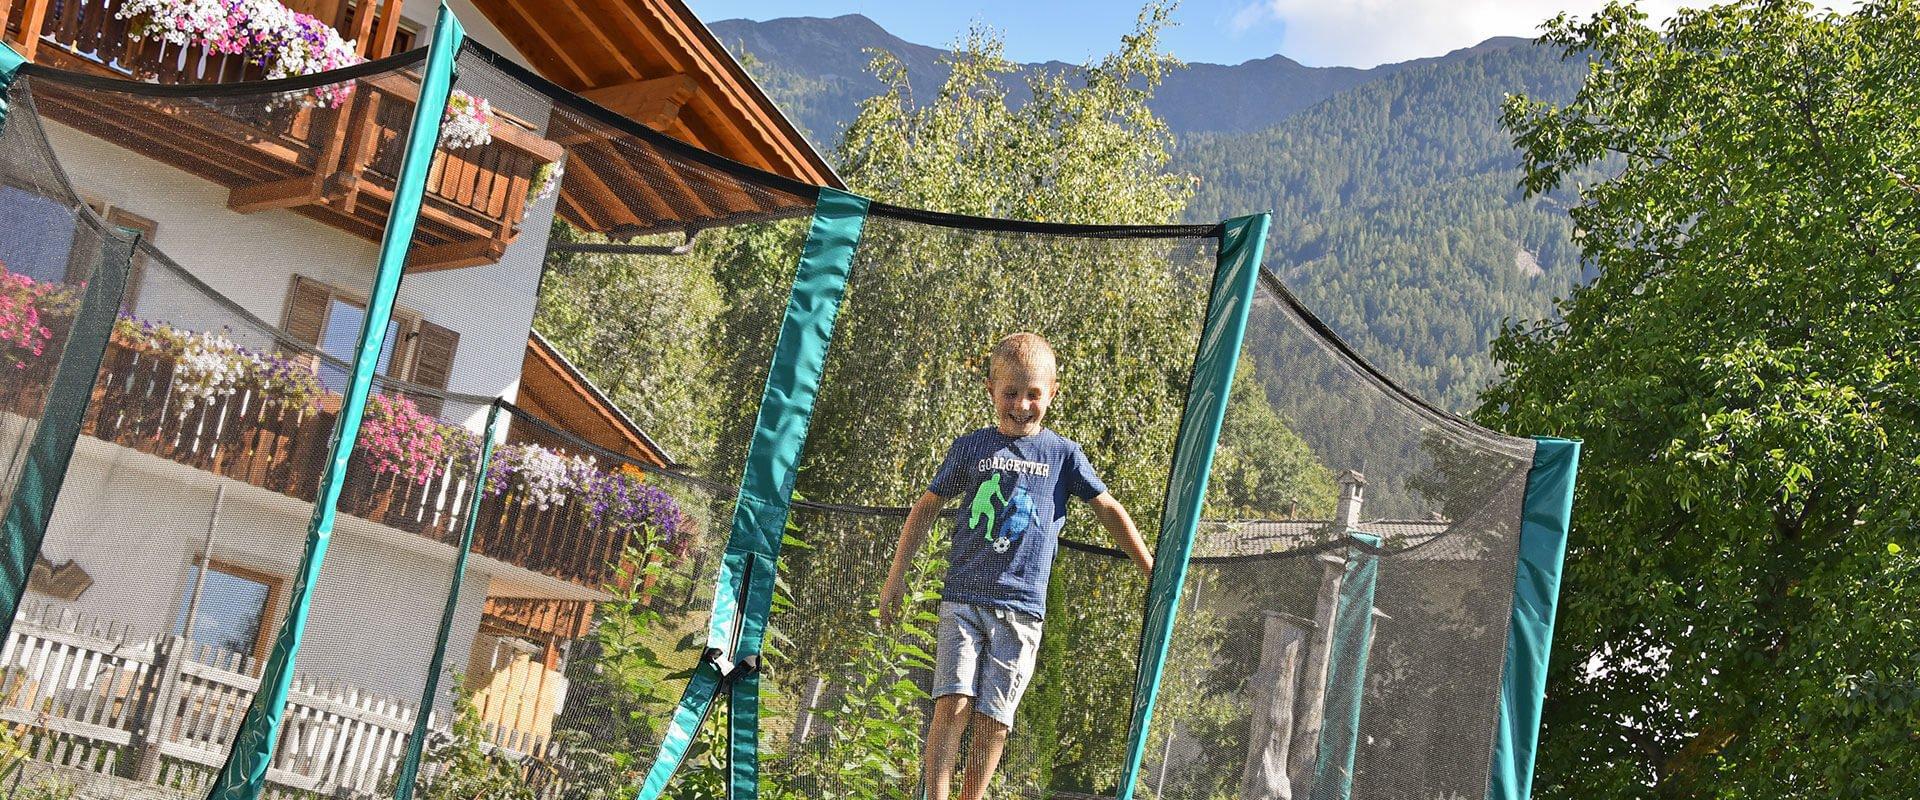 Kinderurlaub Südtirol - Urlaub mit Kindern auf dem Bauernhof